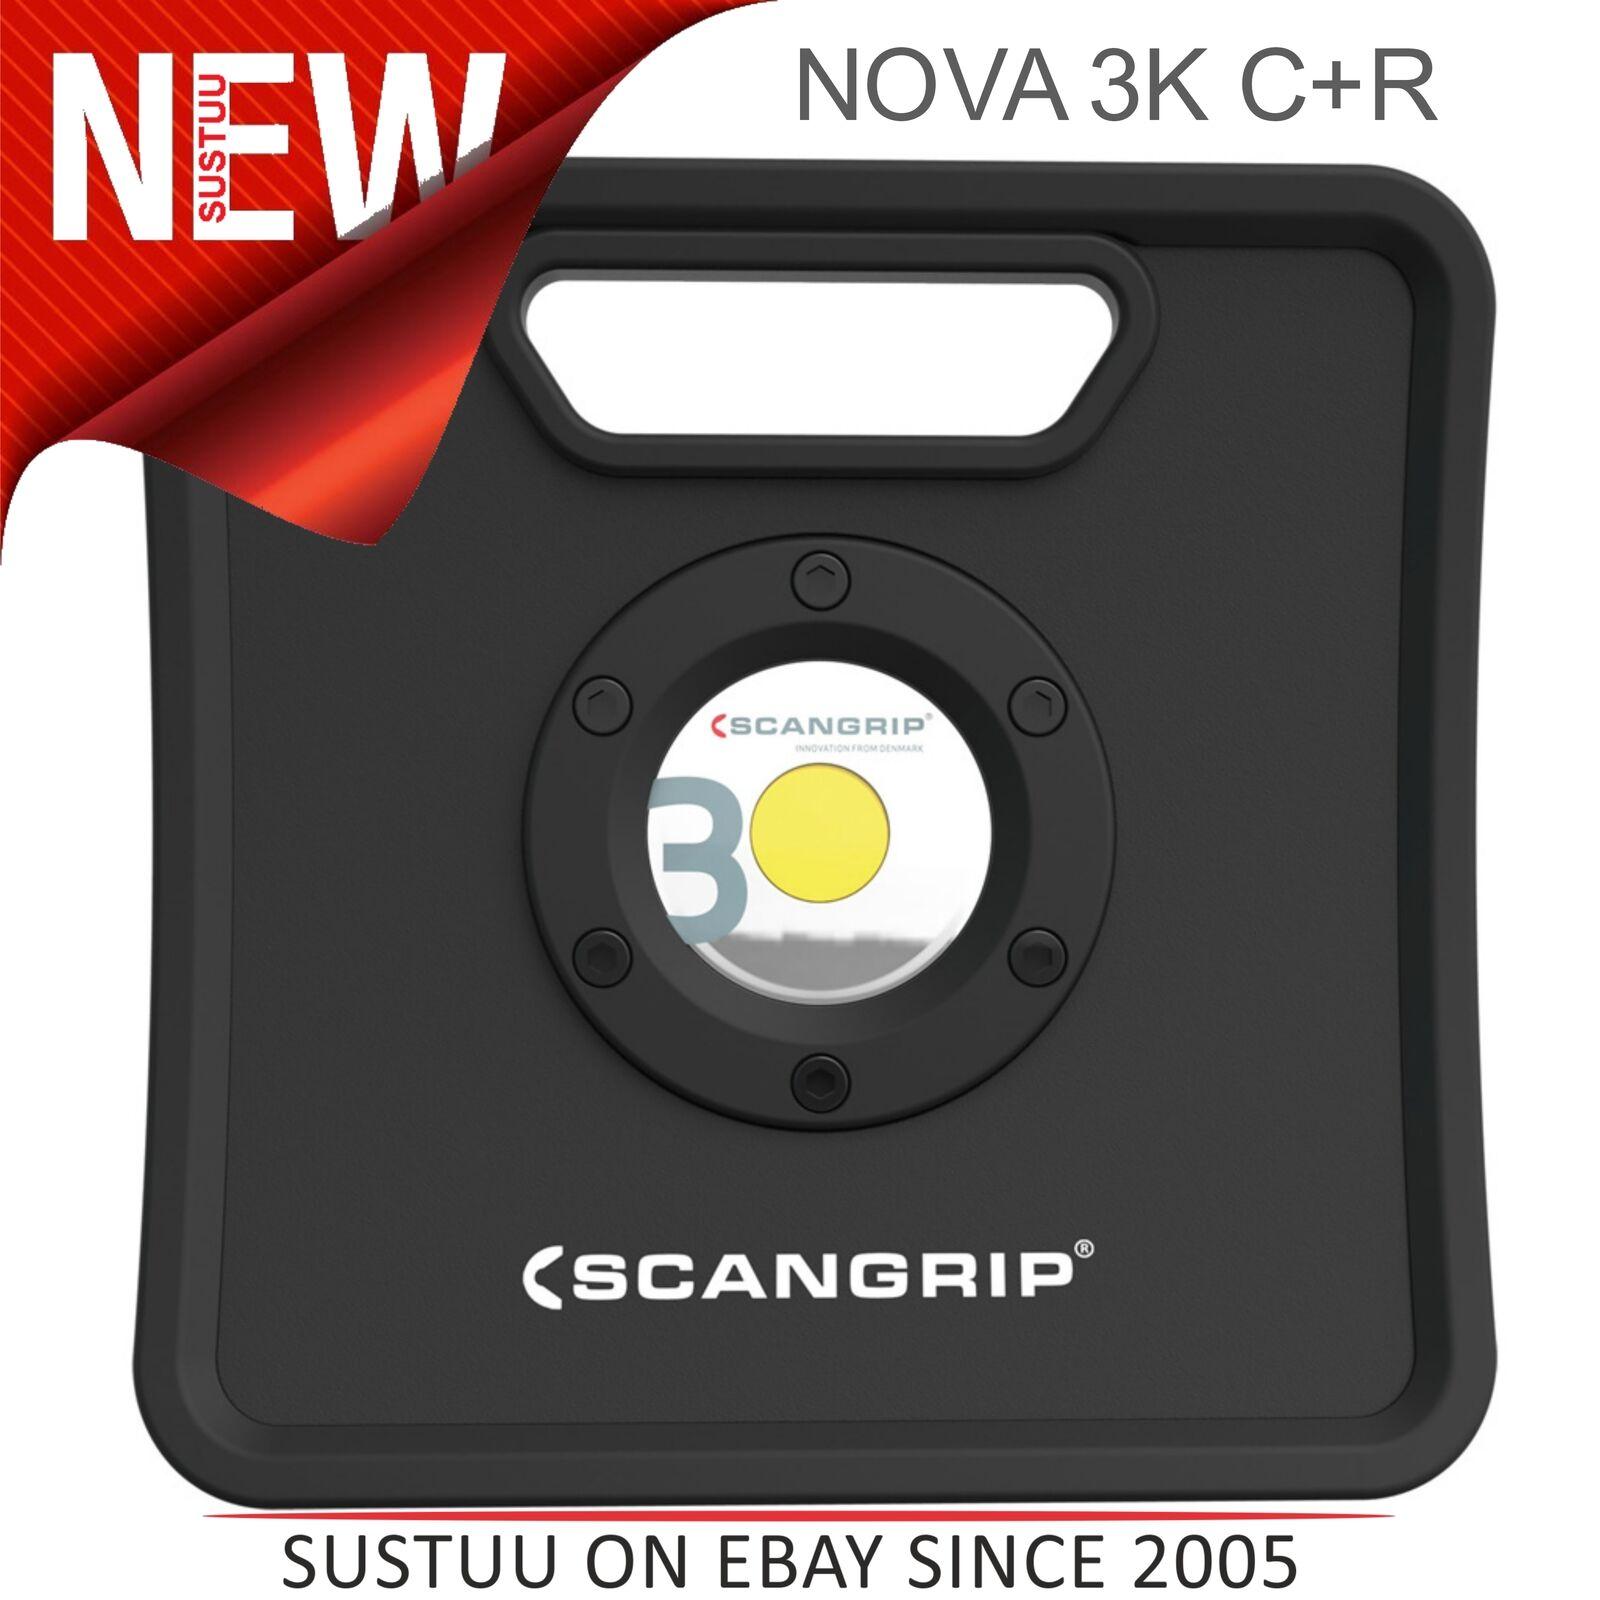 SCANGRIP Nova 3K C  R 3000 Lm │ S/N travail lumière │ Lm système double │ haute efficacité │ IP67 eb52c2